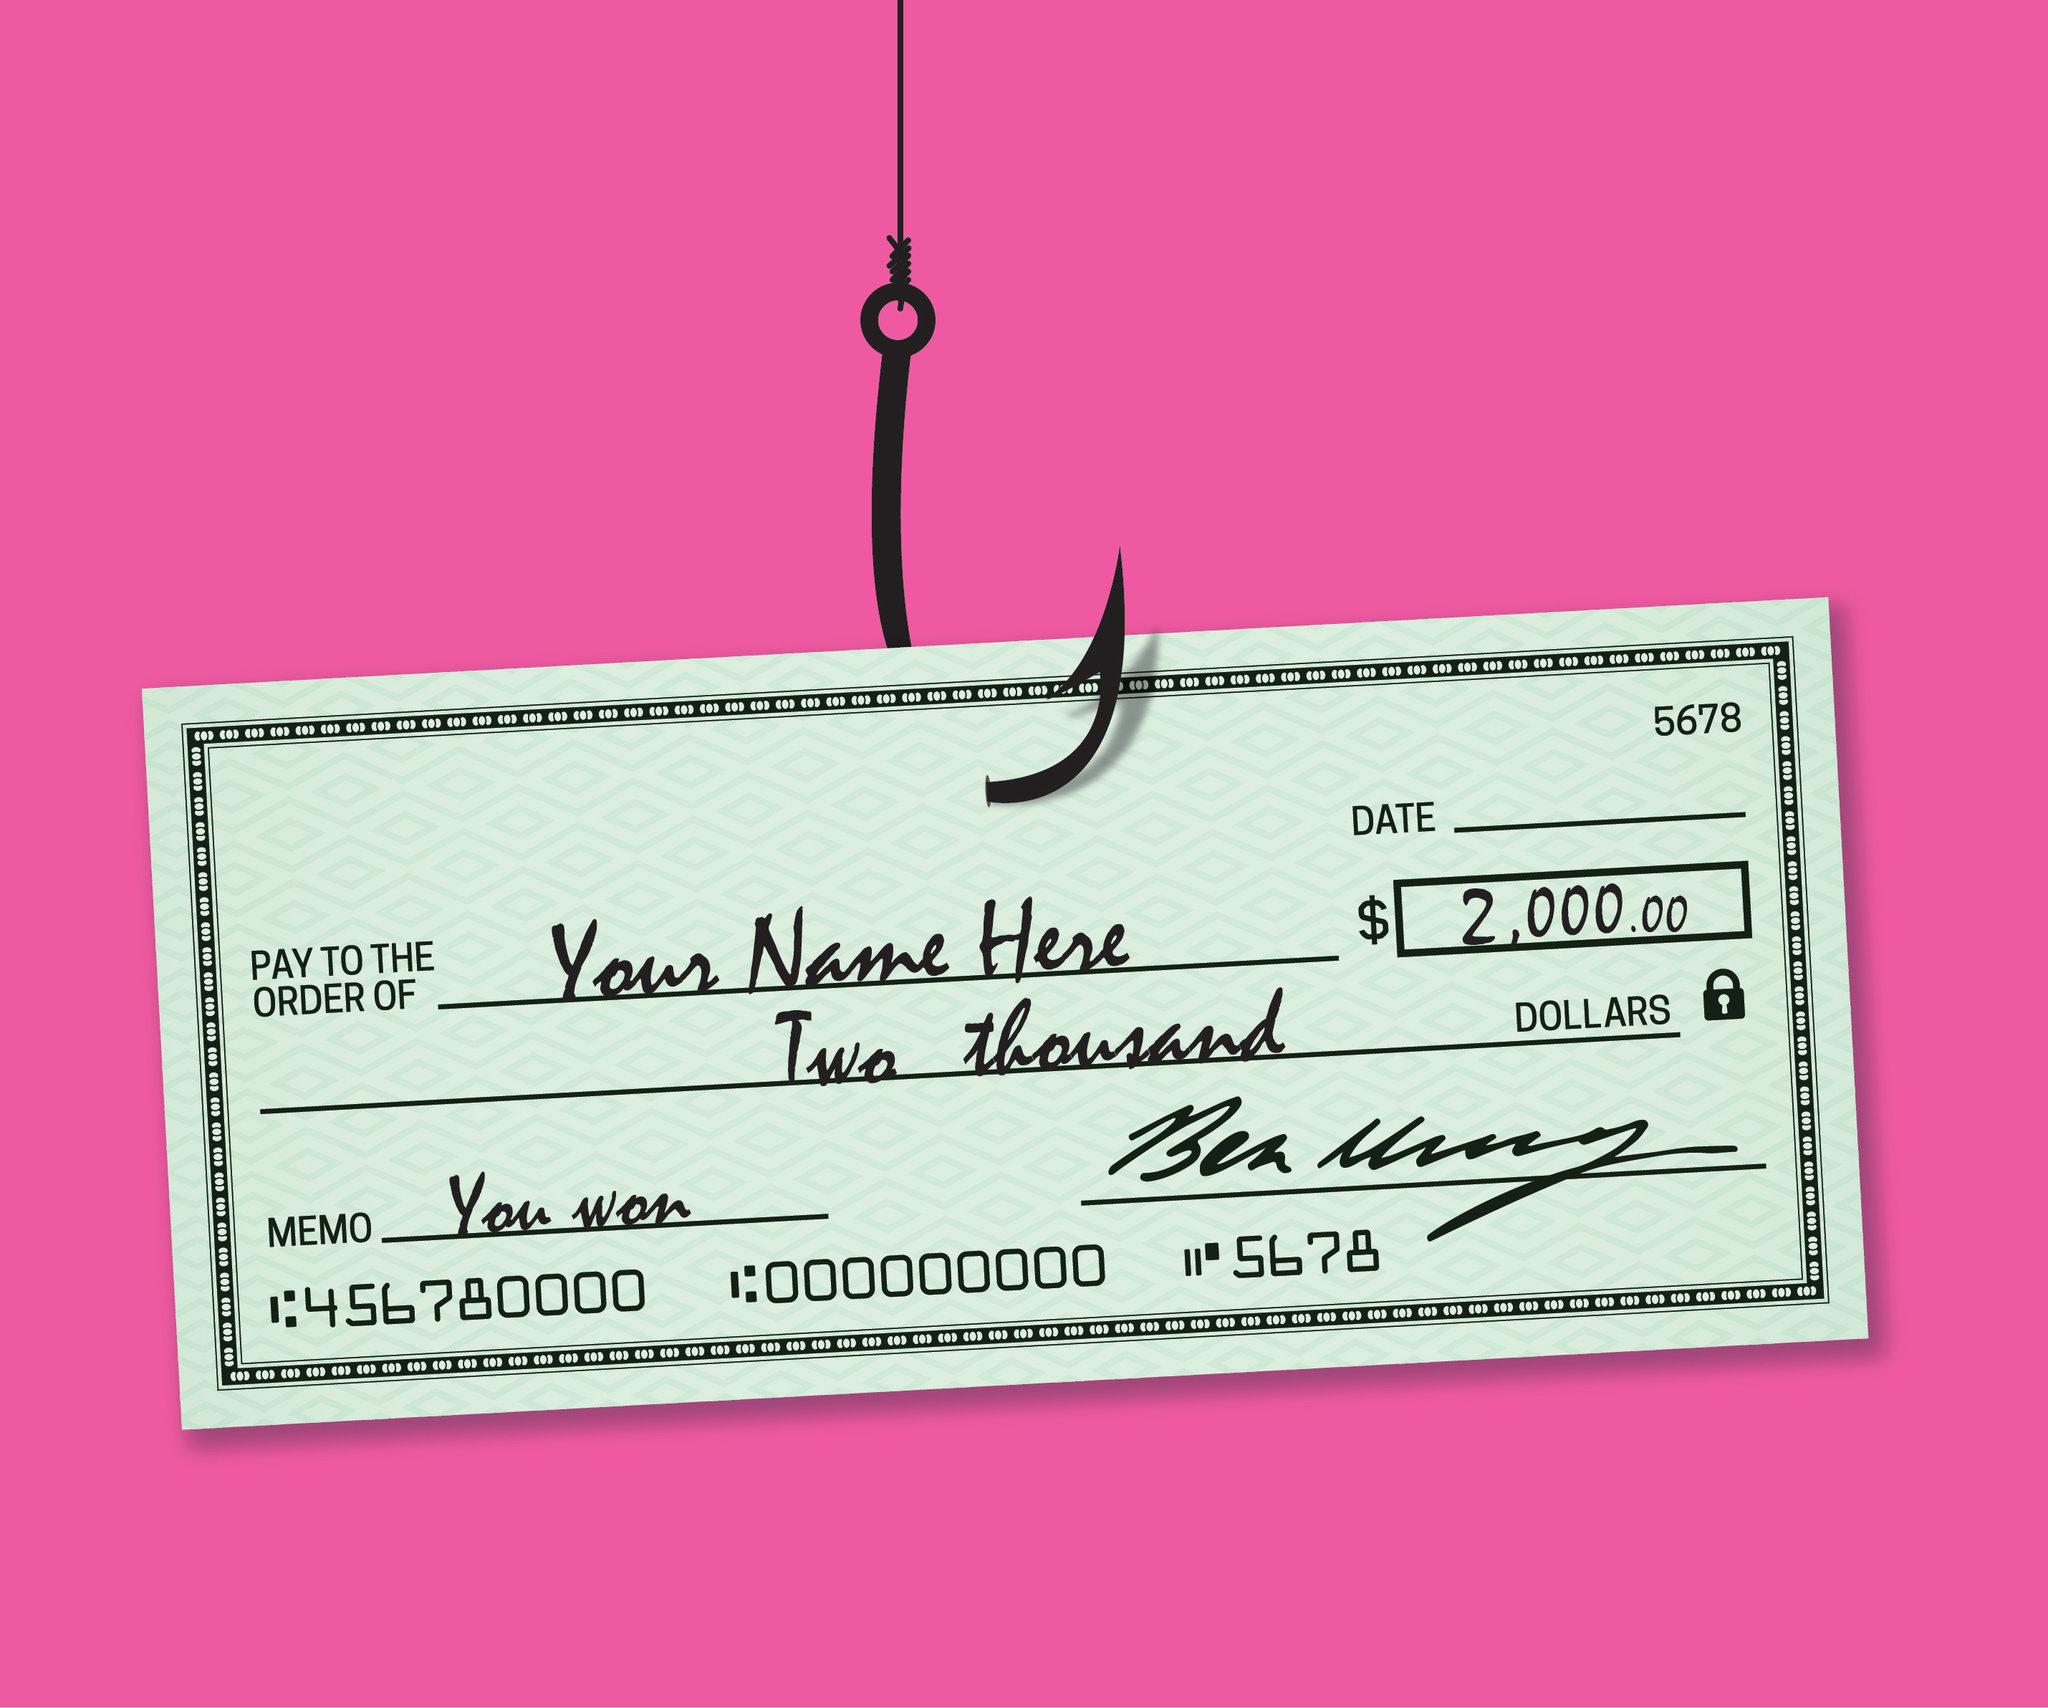 مفهوم الشيكات - ومؤرخ ومُوقع يُوجِّه البنك لدفع مبلغ معين من المال لحامل الشيك الذي يُعدّ الشخص المستفيد - طريقة آمنة لتحويل الأموال